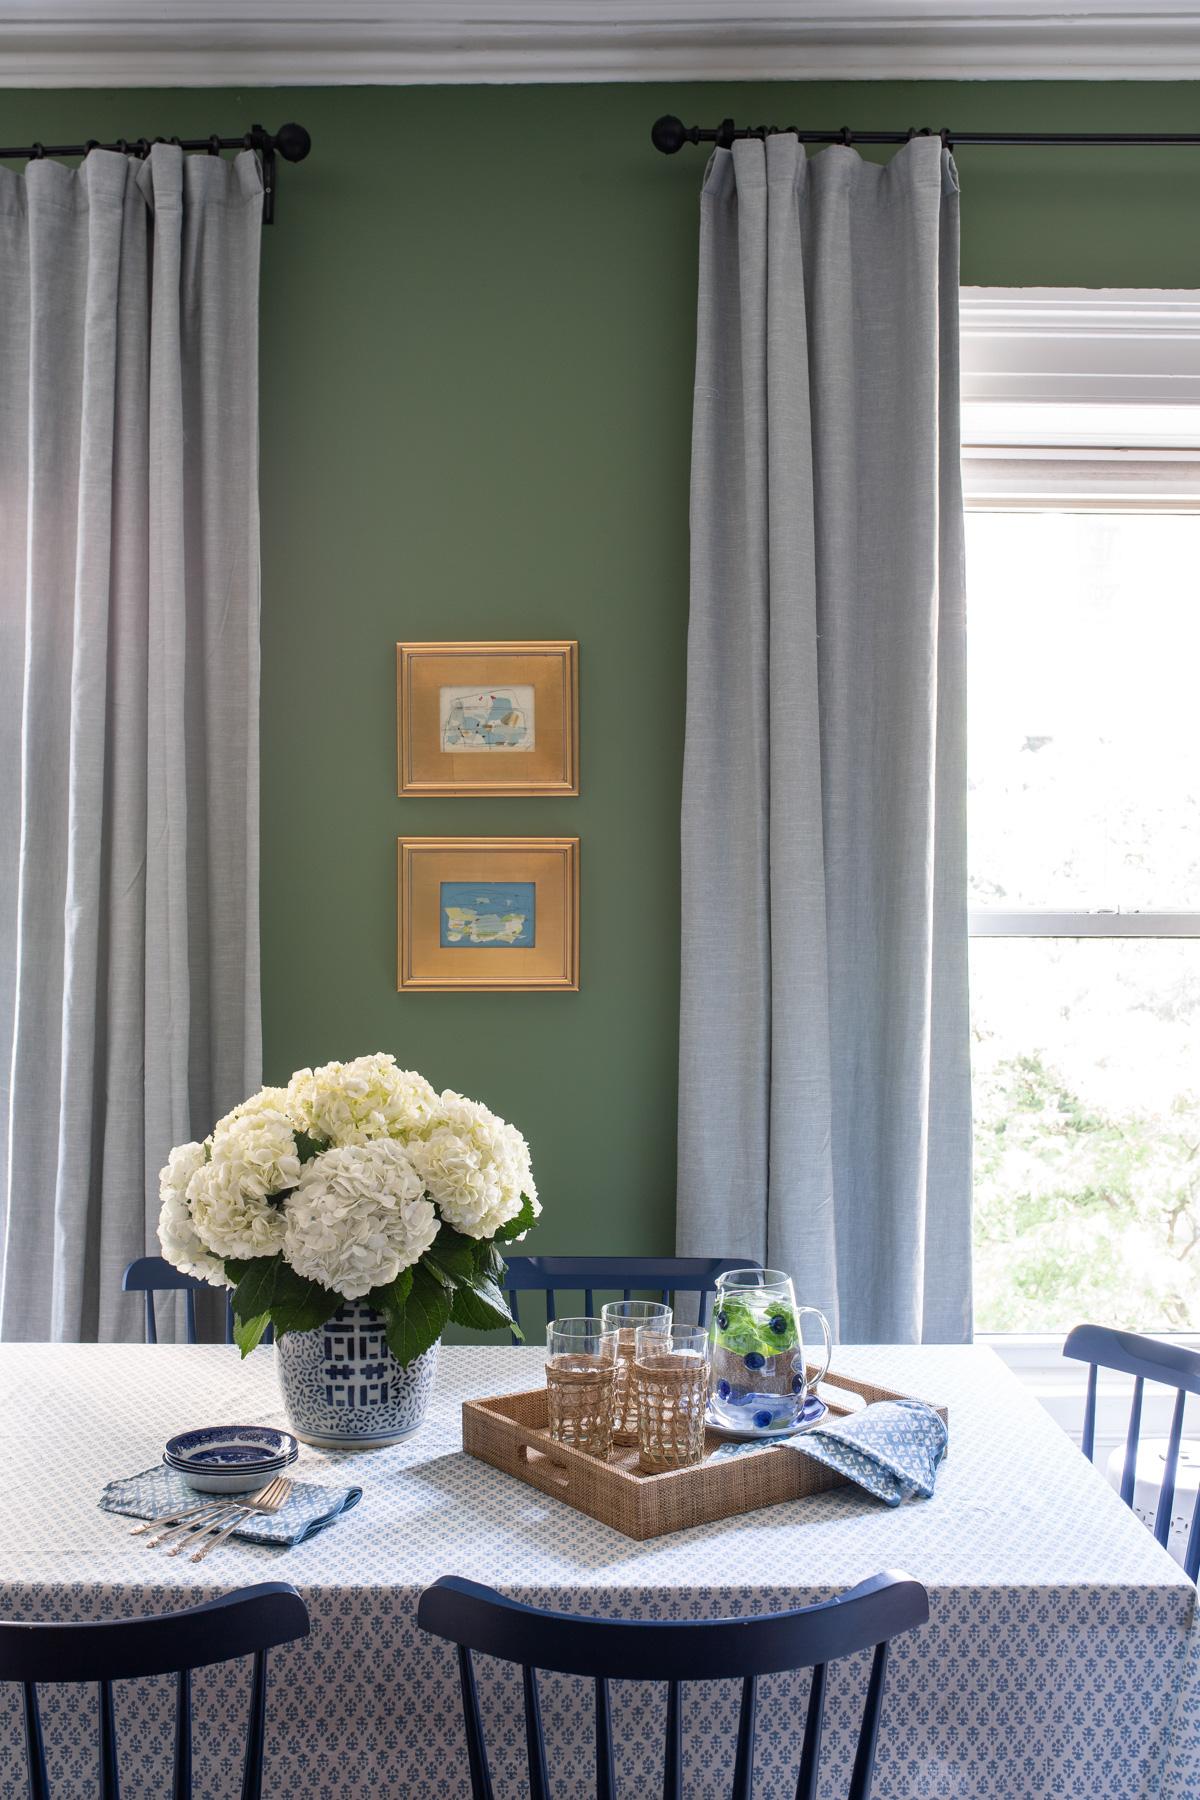 Stacie Flinner x NY Apartment Tour Living Room-6.jpg